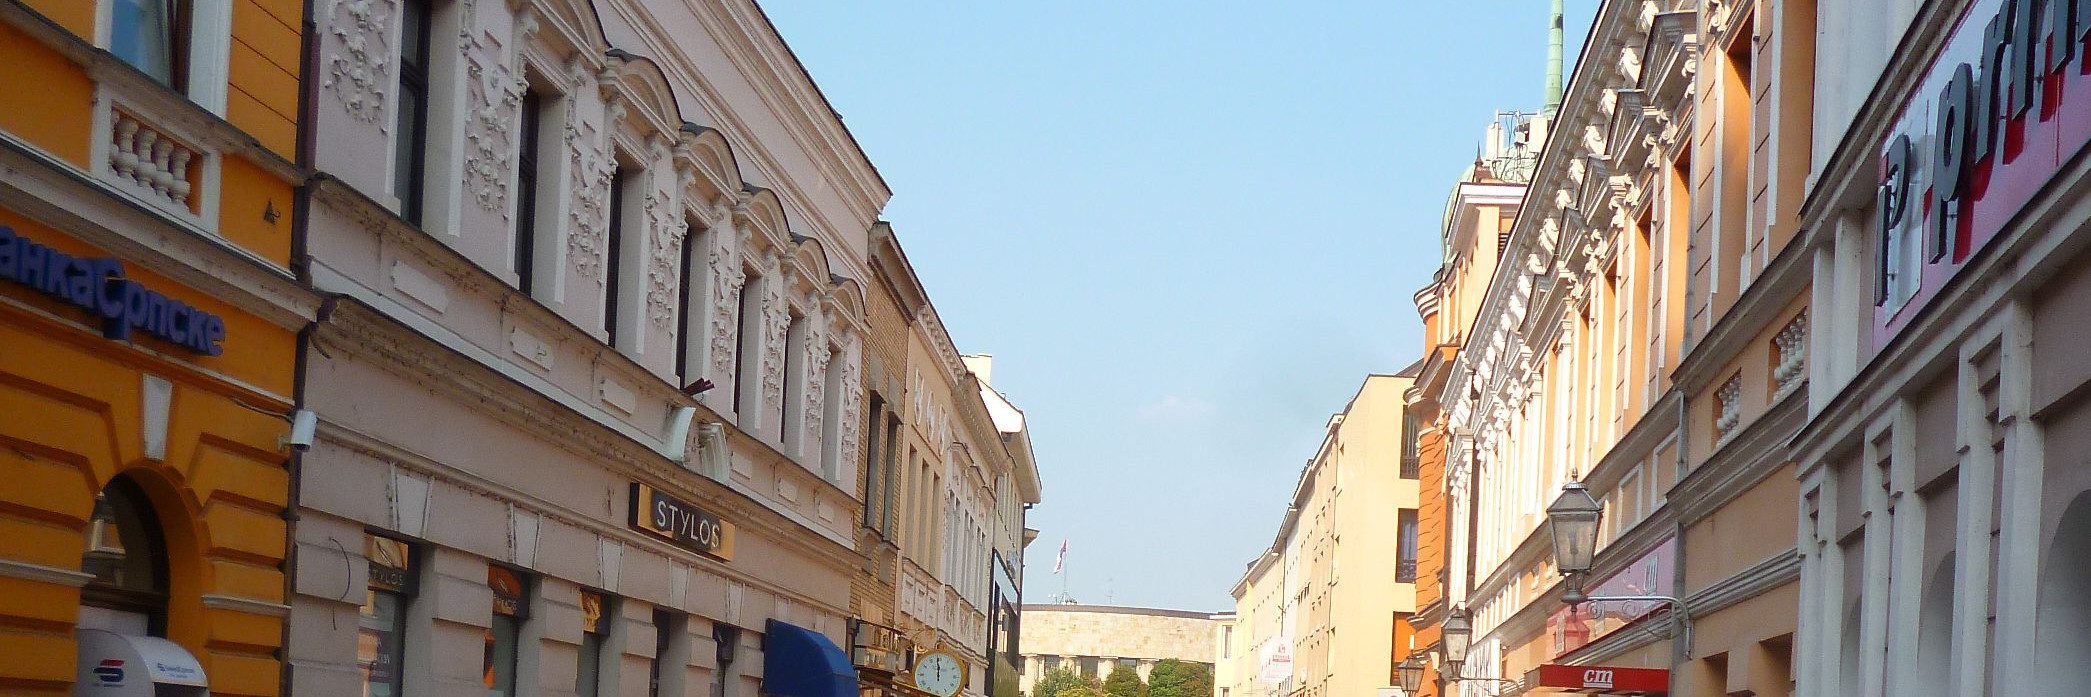 Господская улица